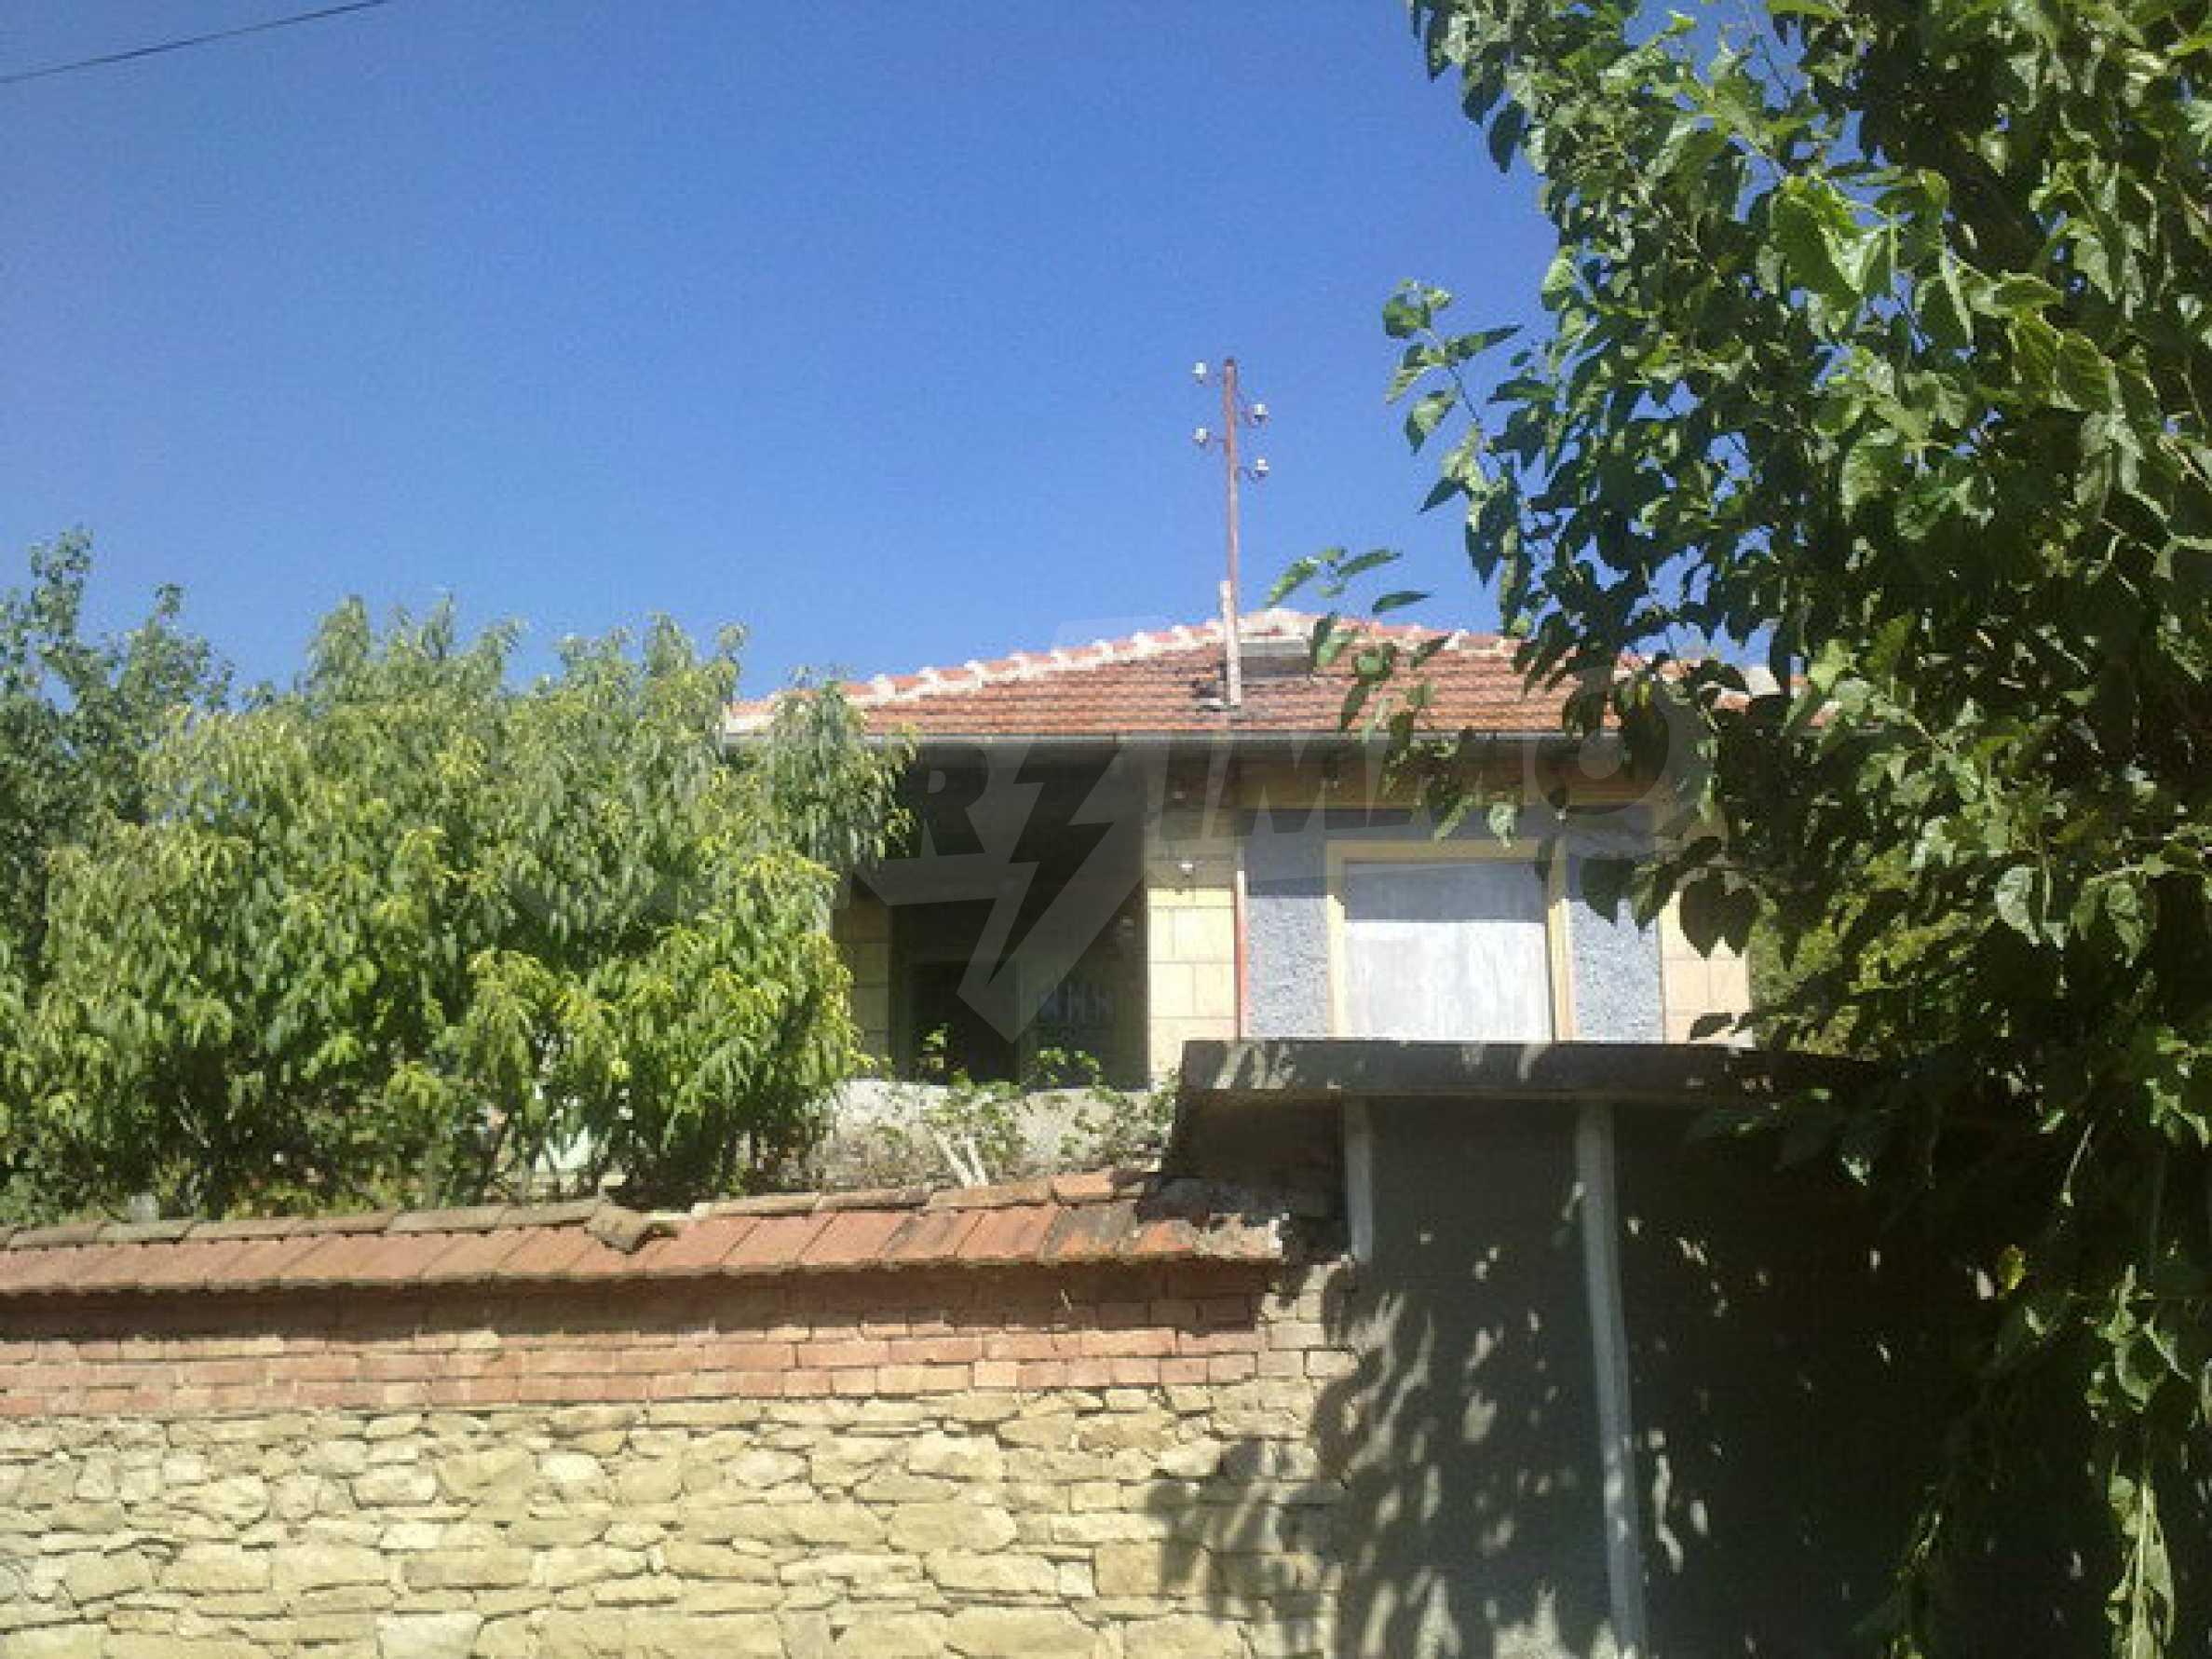 Schönes Haus in einem großen Dorf 10